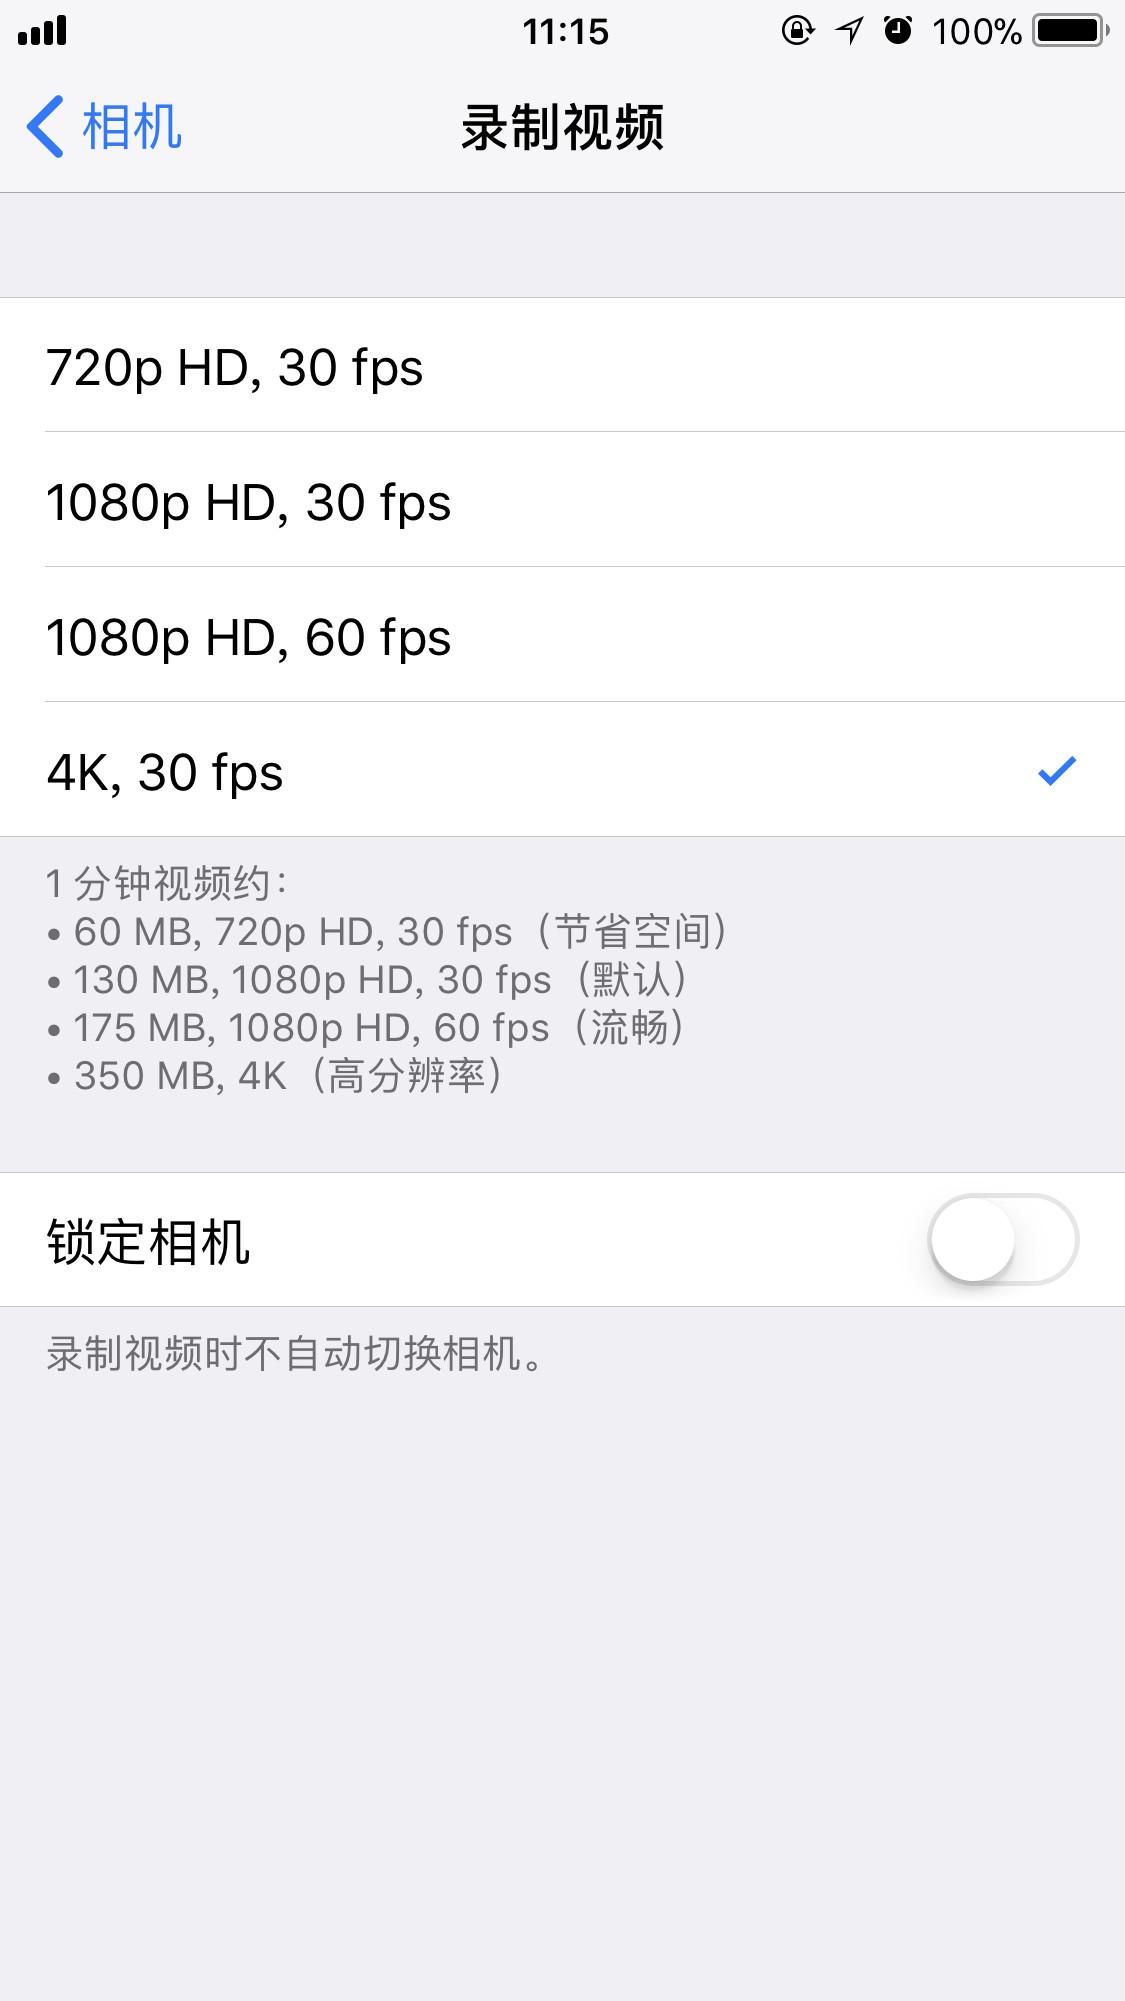 普通用户可以用 iPhone 拍出电影吗?